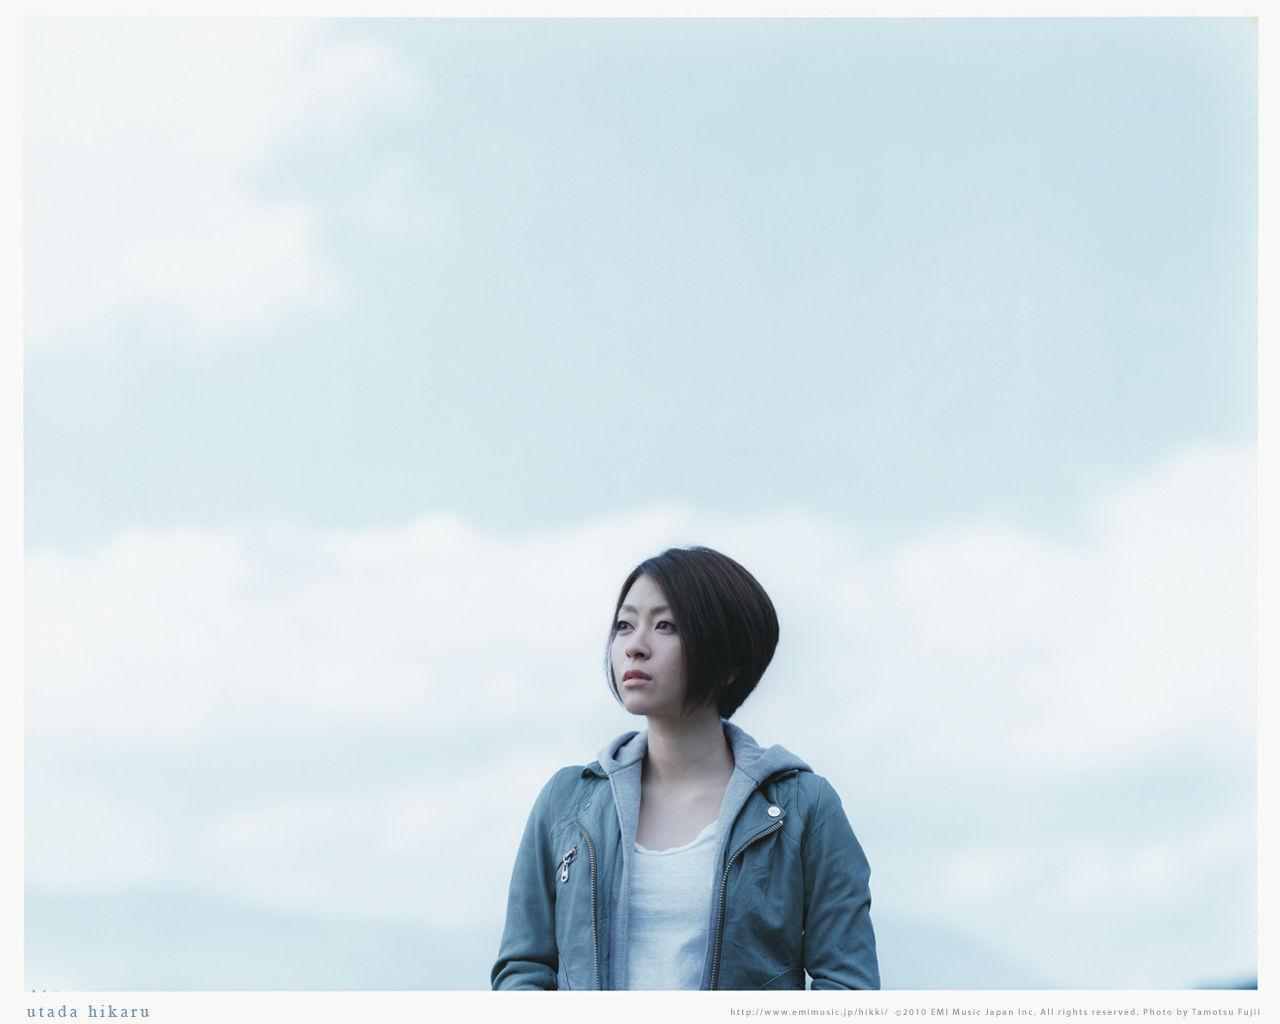 宇多田ヒカル 俺のブログ